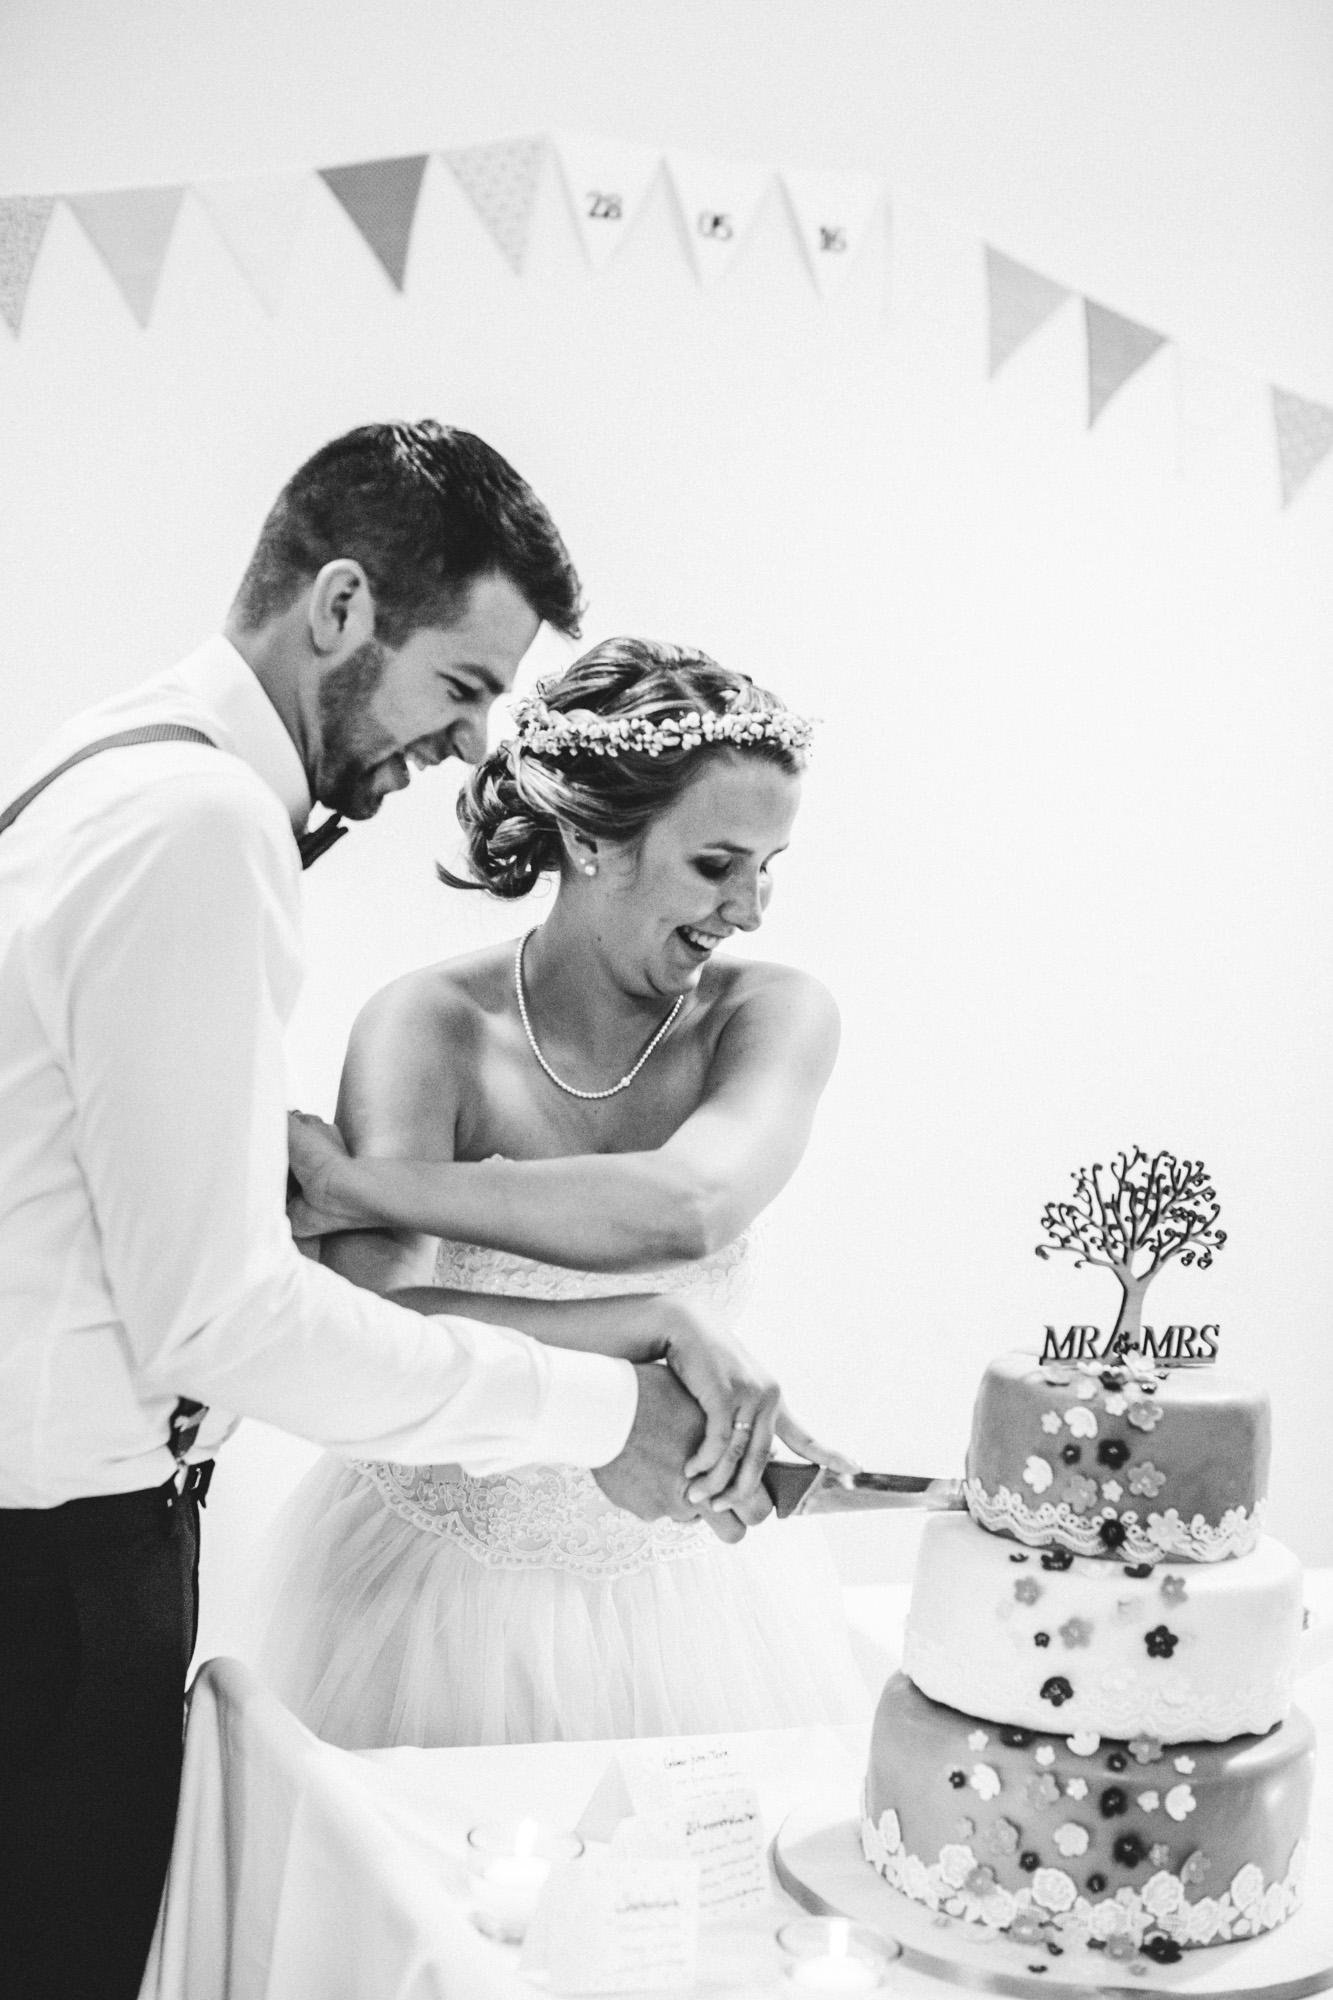 hannah und elias 595 - Schwarz-Weiß Hochzeit